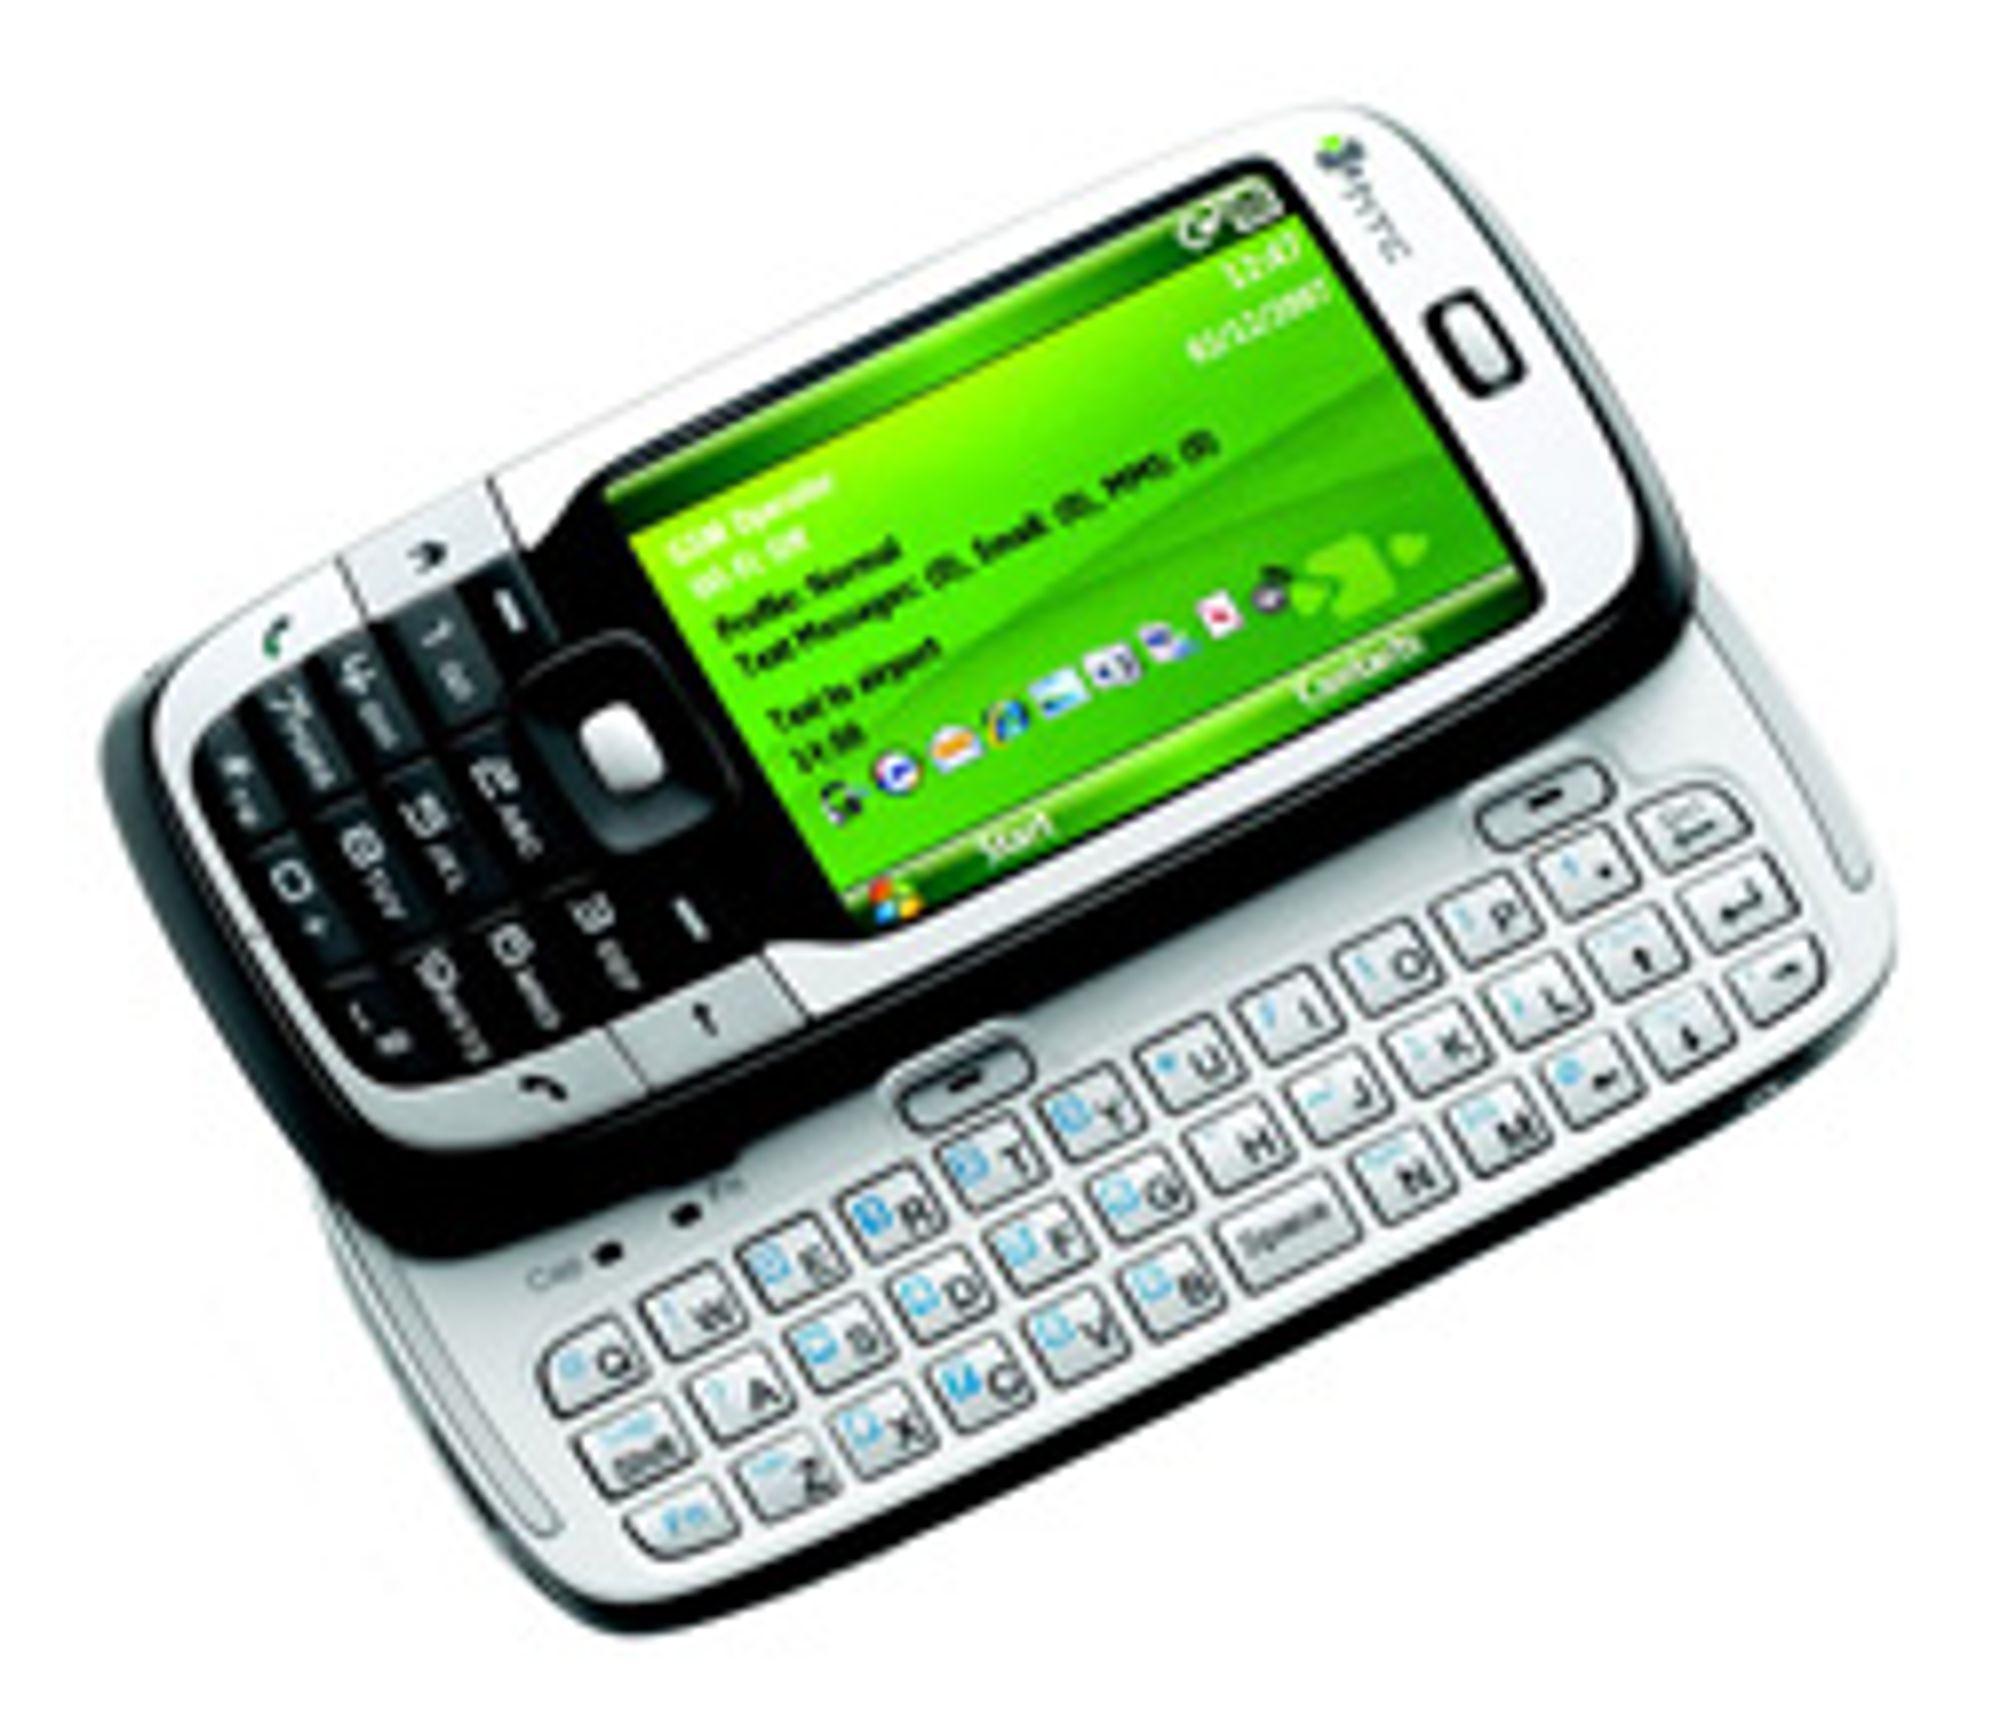 HTC S710 var både liten og hadde  fulltastatur.